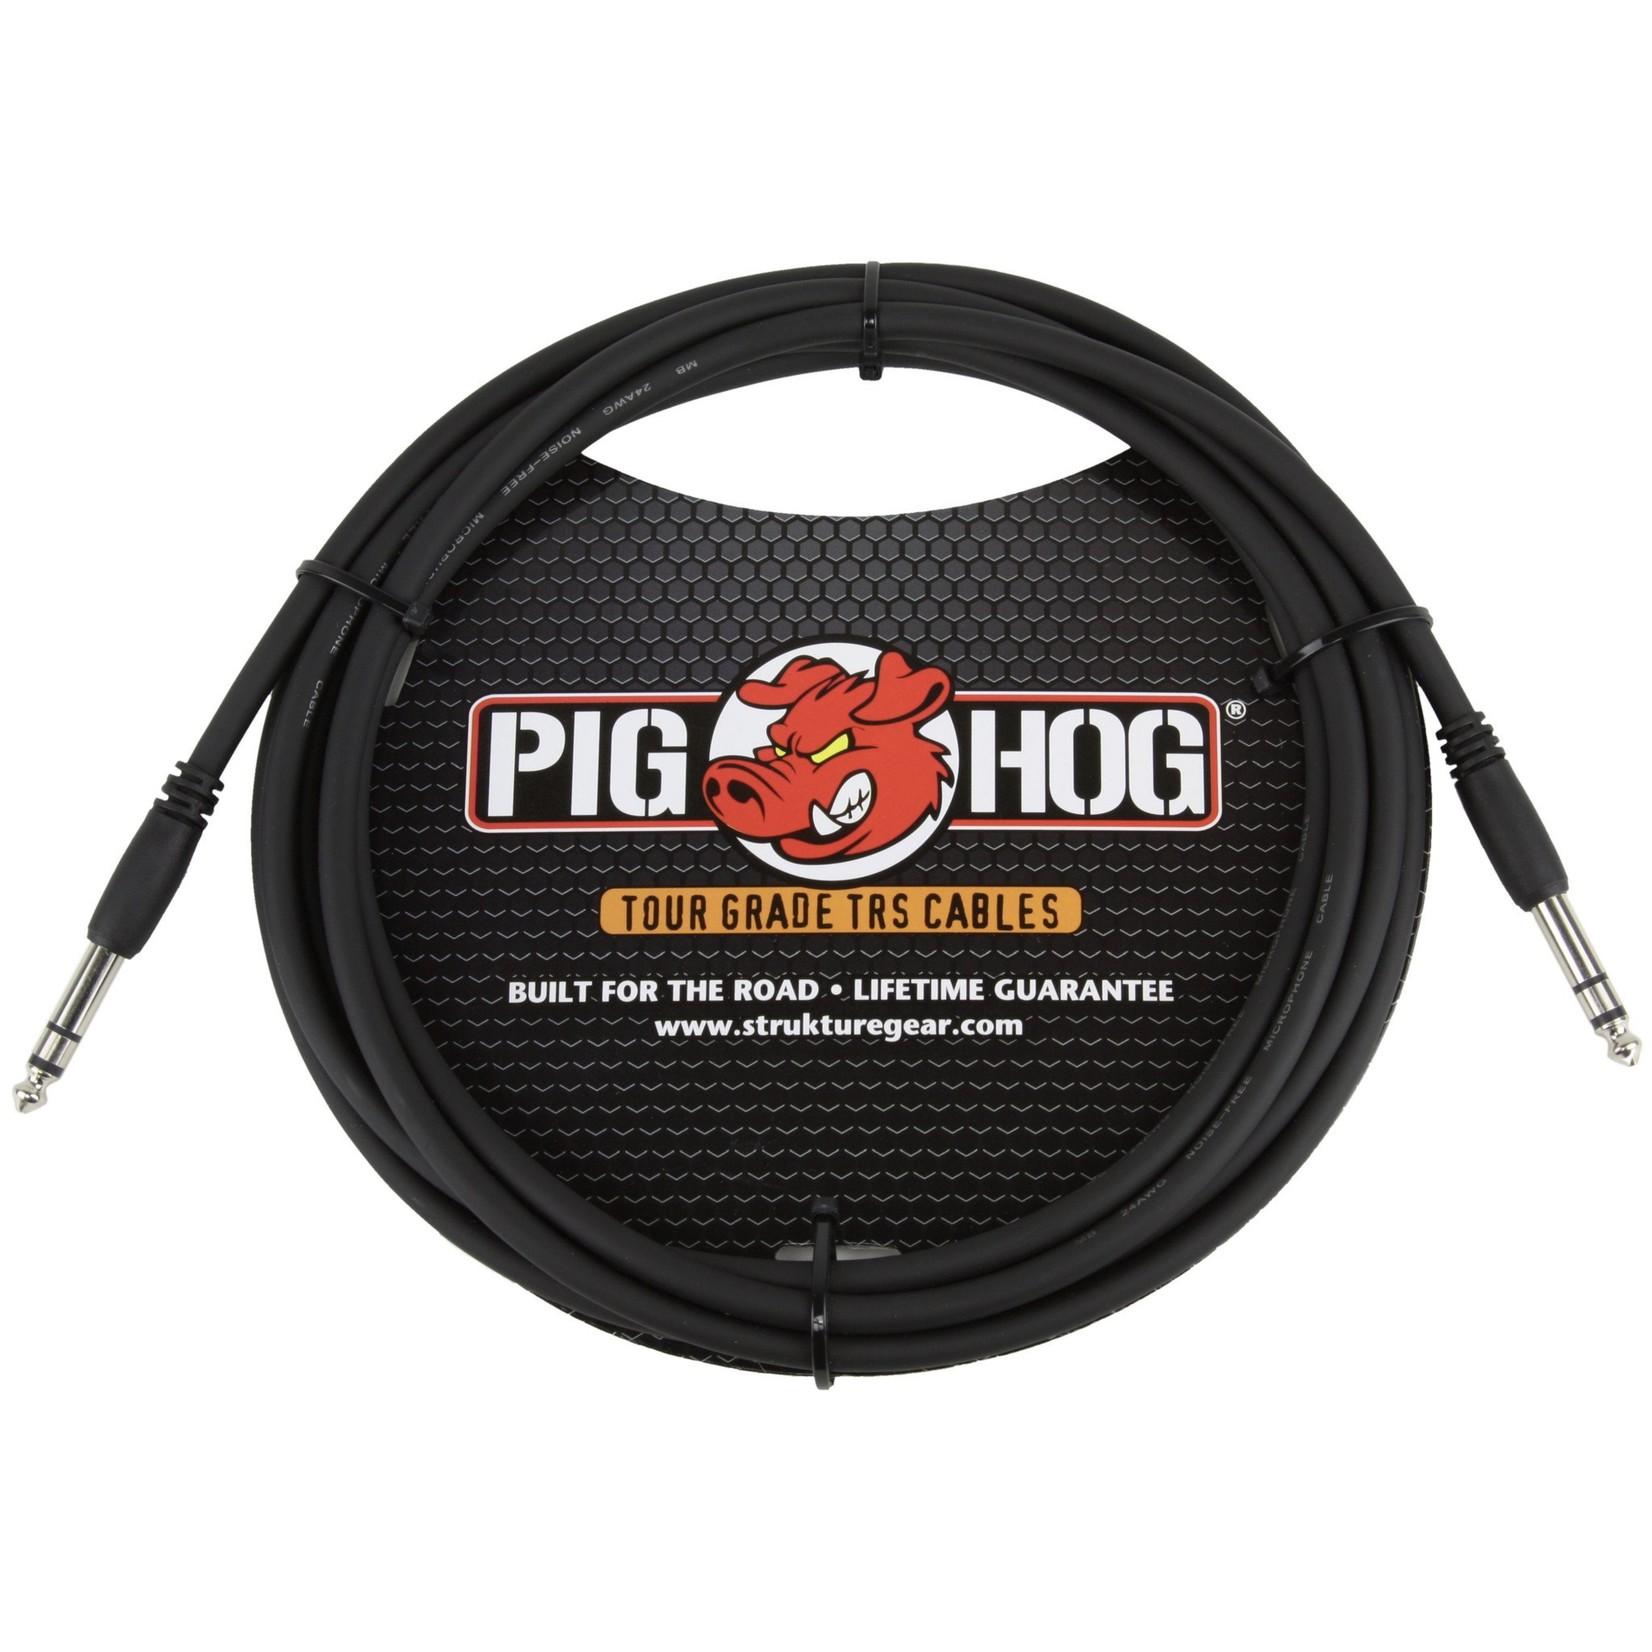 """Pig Hog Pig Hog Tour Grade 15-foot, 8mm, balanced 1/4"""" TRS - 1/4"""" TRS Cable, Black"""